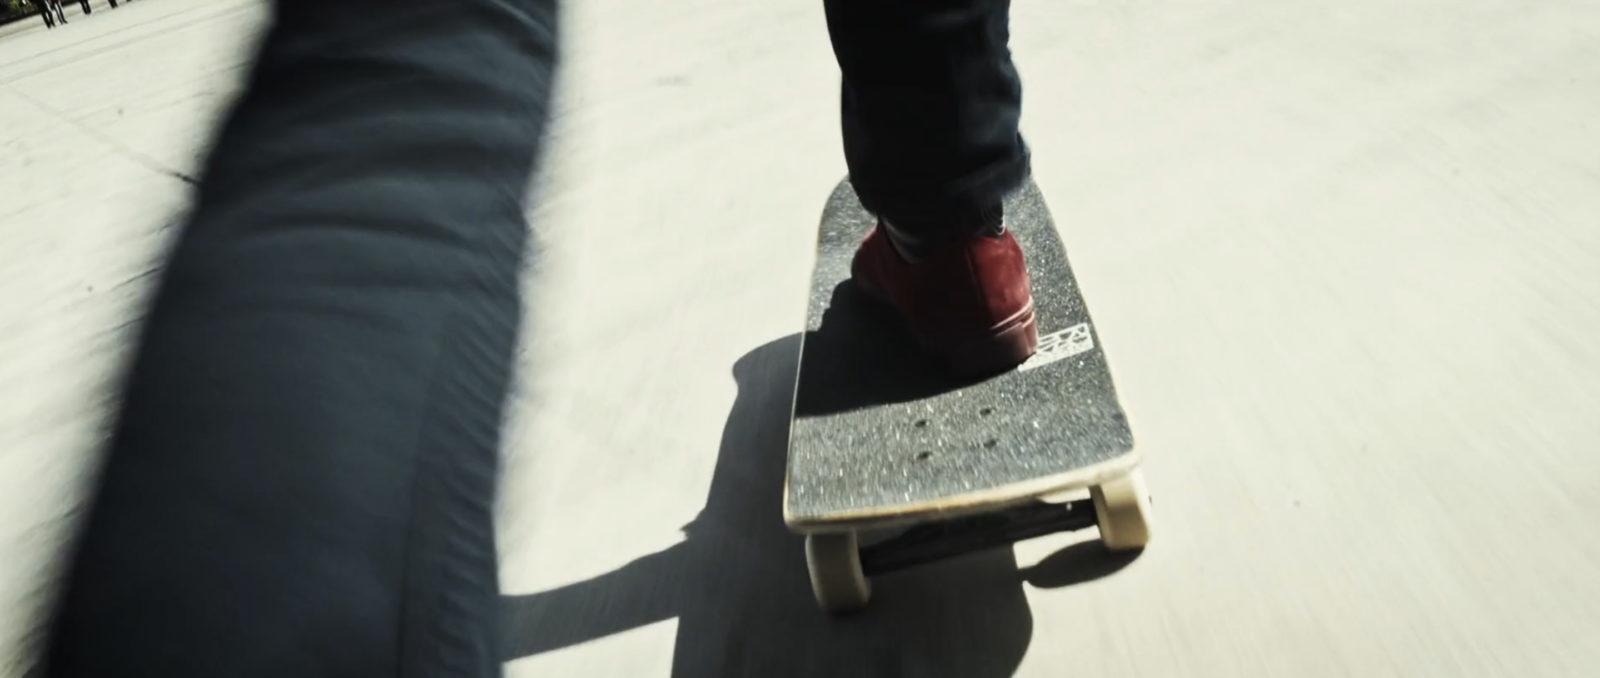 """antoine plainfosse unwordable skate film - """"Unwordable"""", un film de skate qui explore Paris et sublime son architecture"""